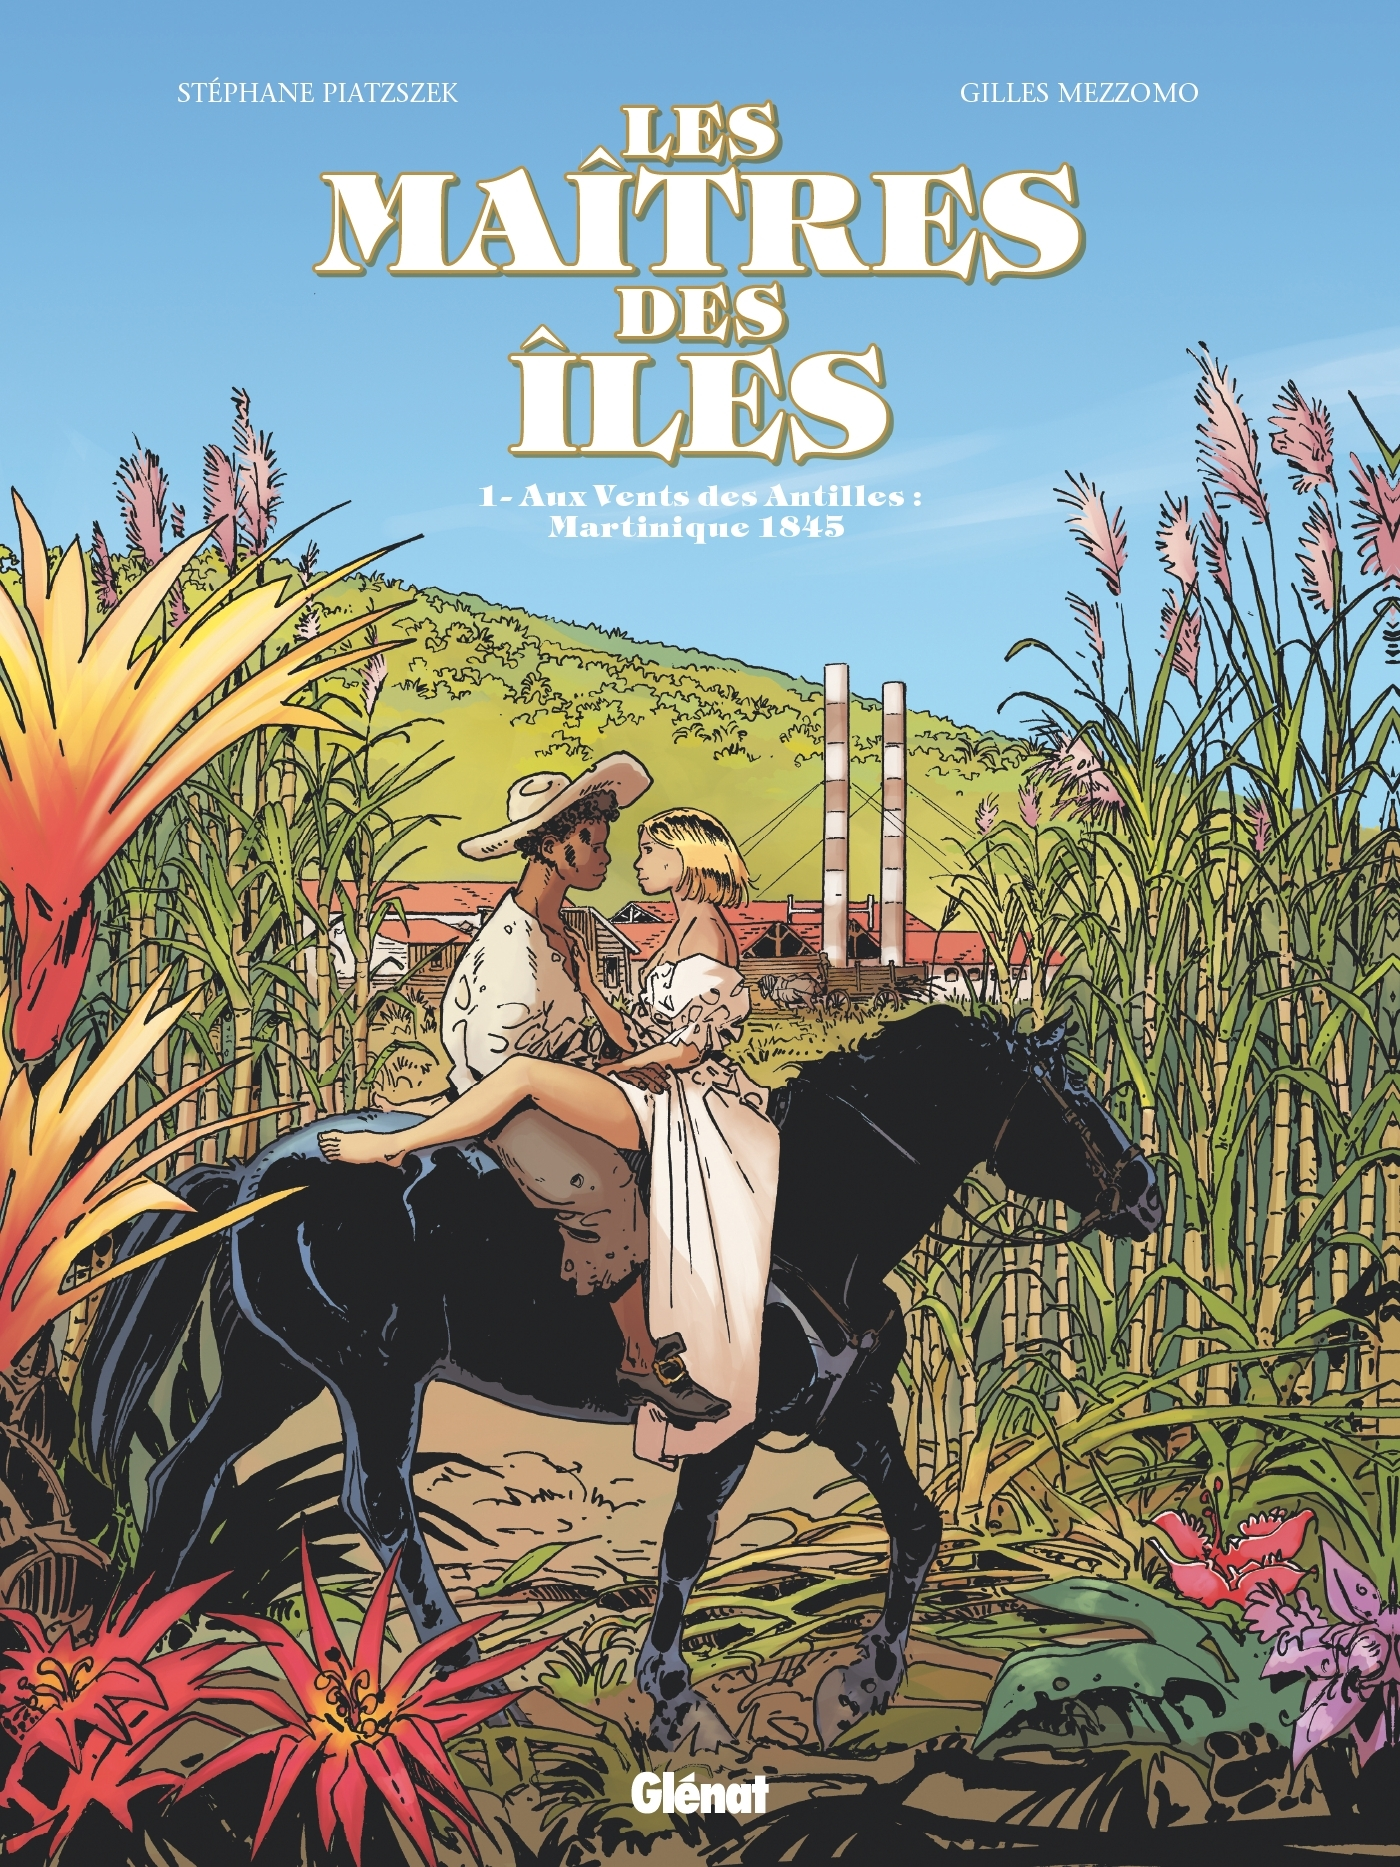 LES MAITRES DES ILES - TOME 01 - AUX VENTS DES ANTILLES : MARTINIQUE 1846